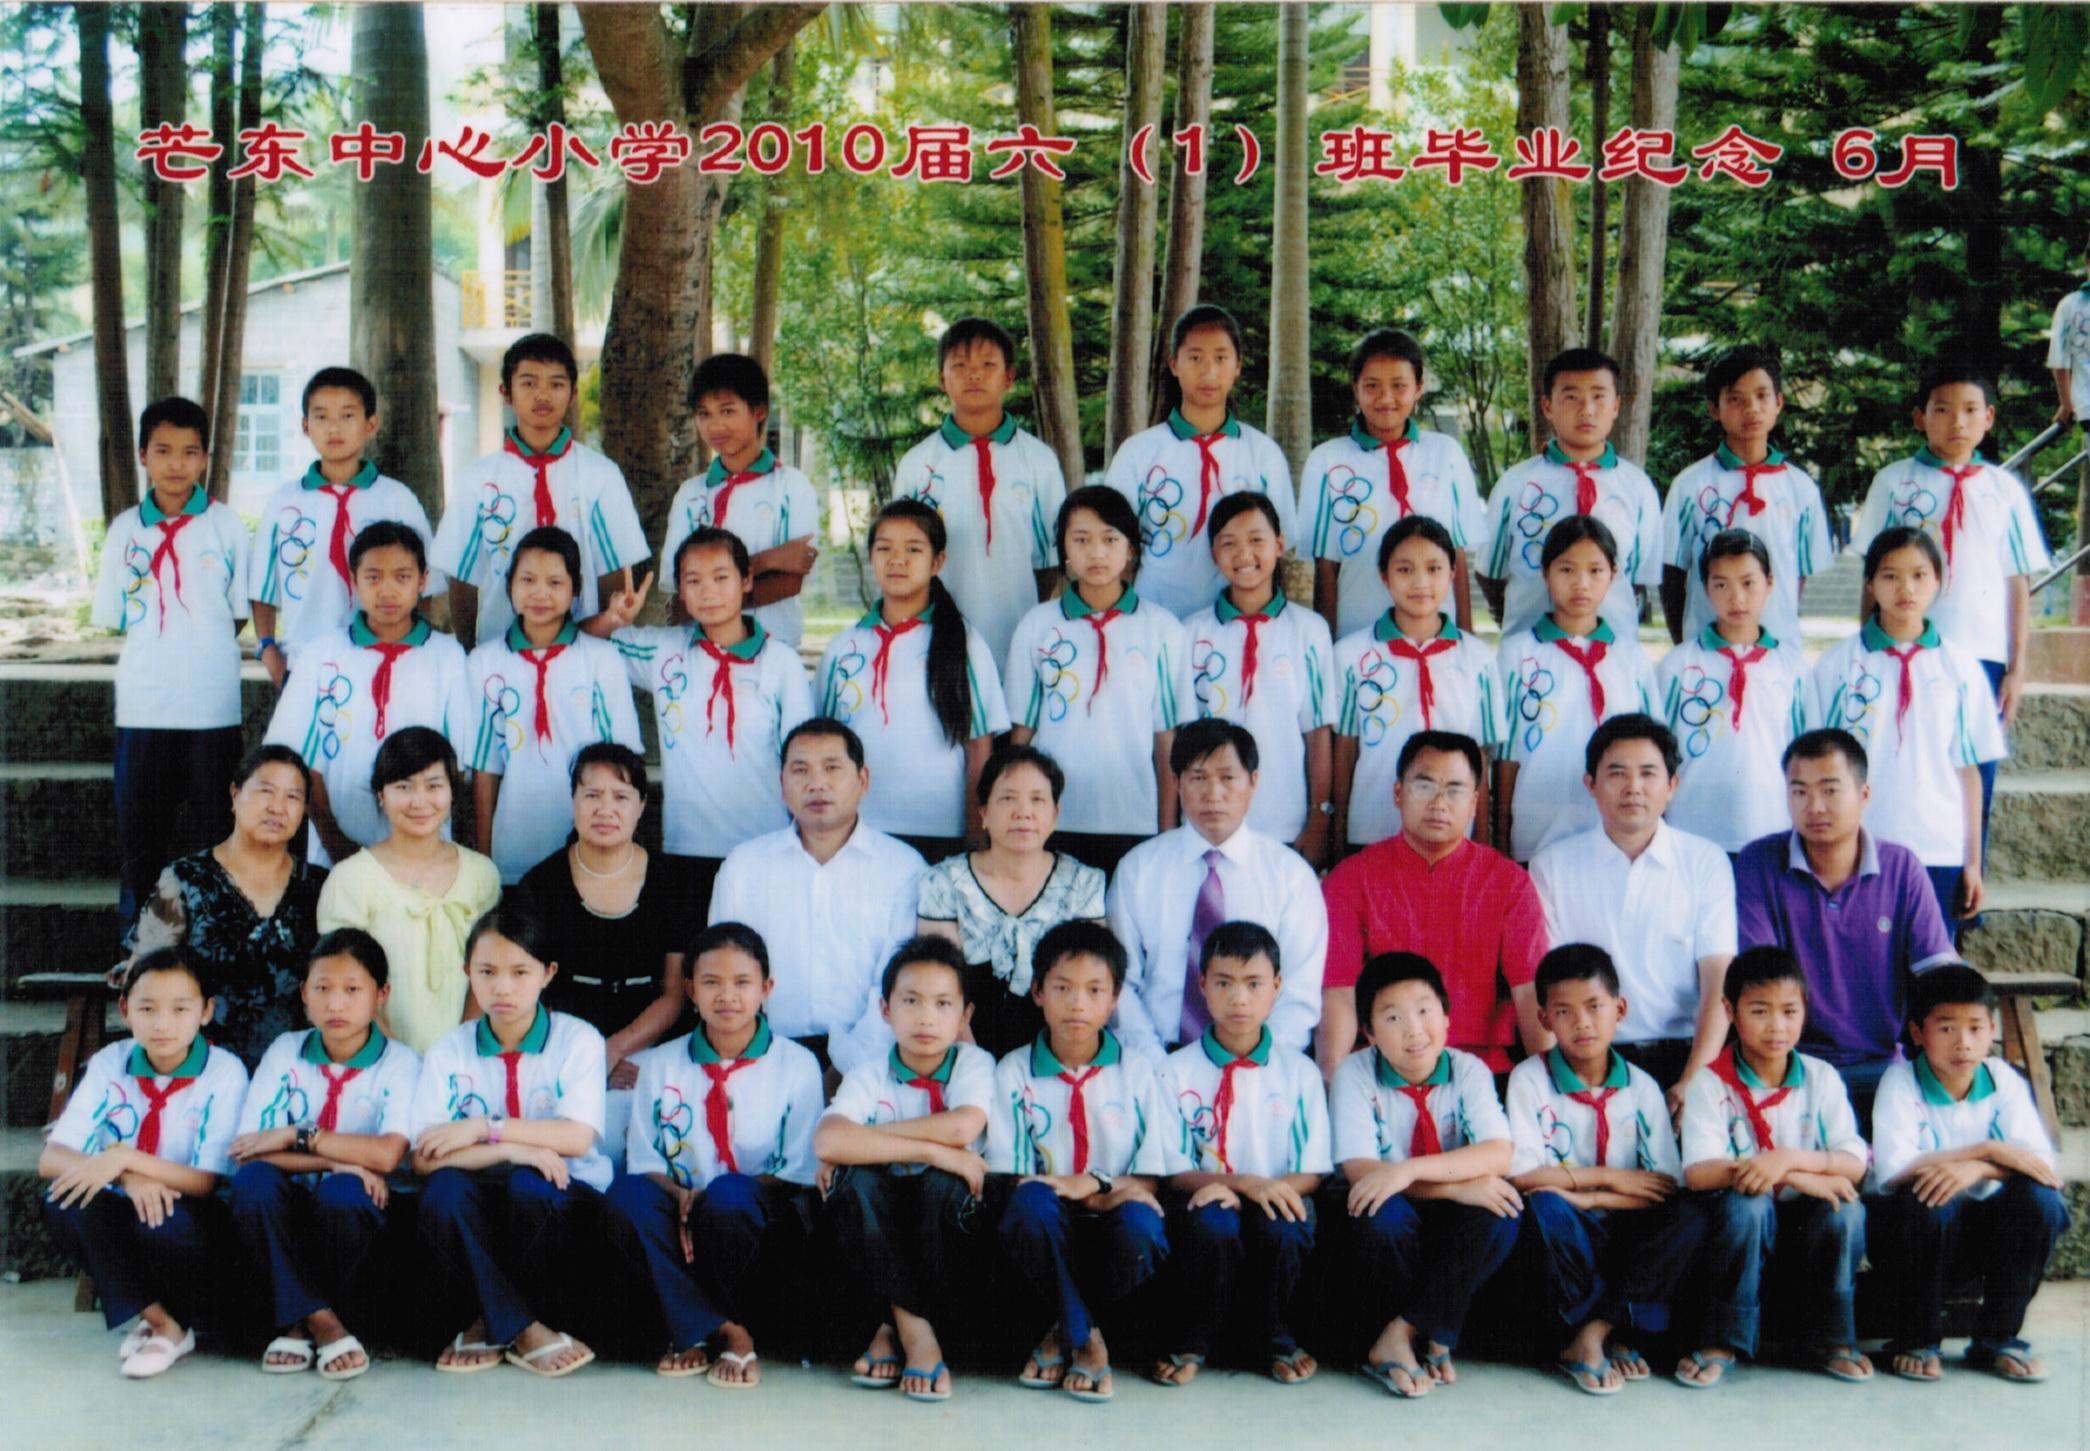 芒东镇中心小学2010届六(1)班毕业毕业留影